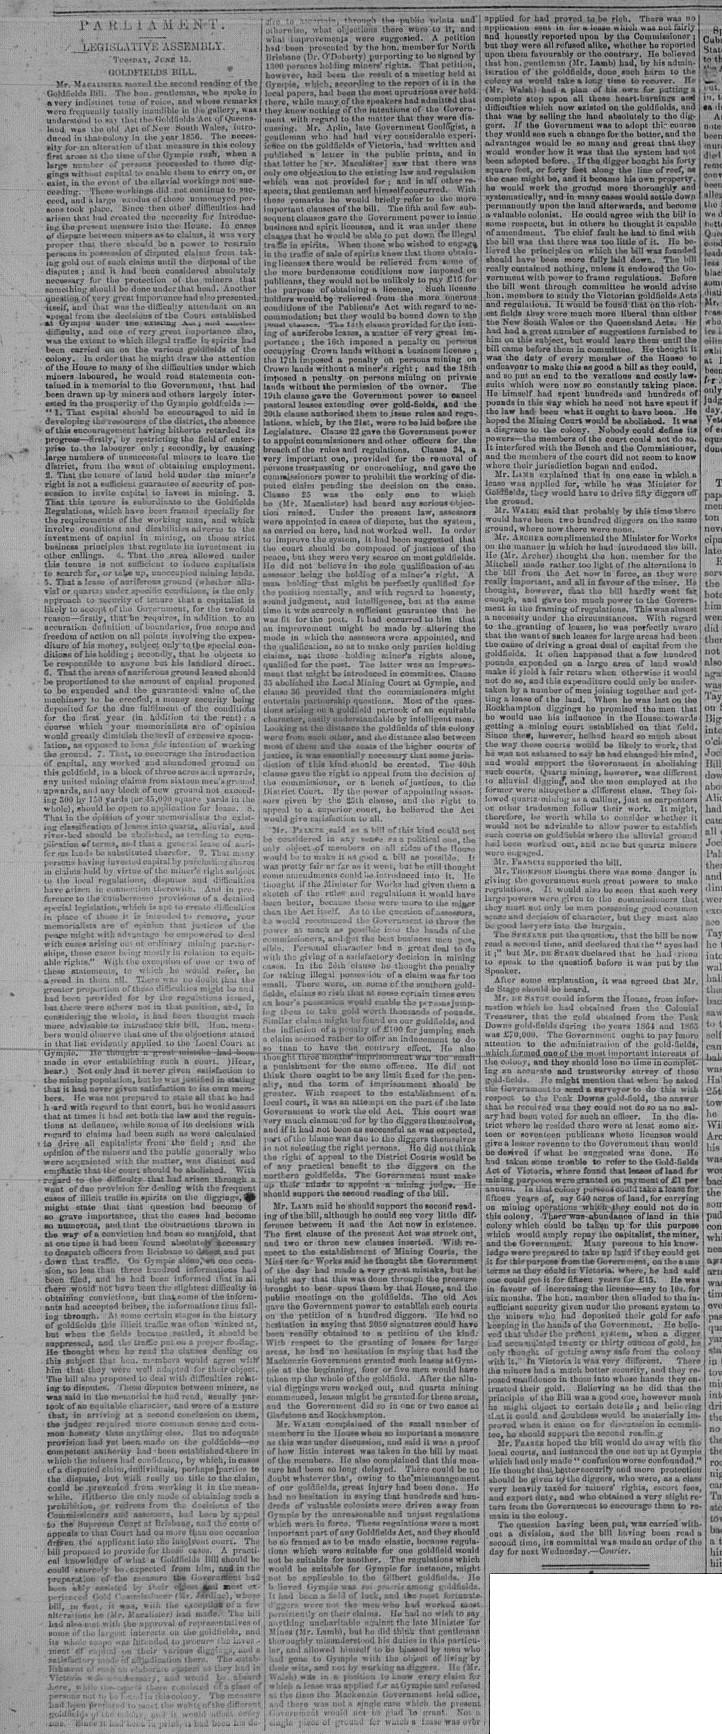 GT Wednesday June 23, 1869 p.3 Goldfields Bill